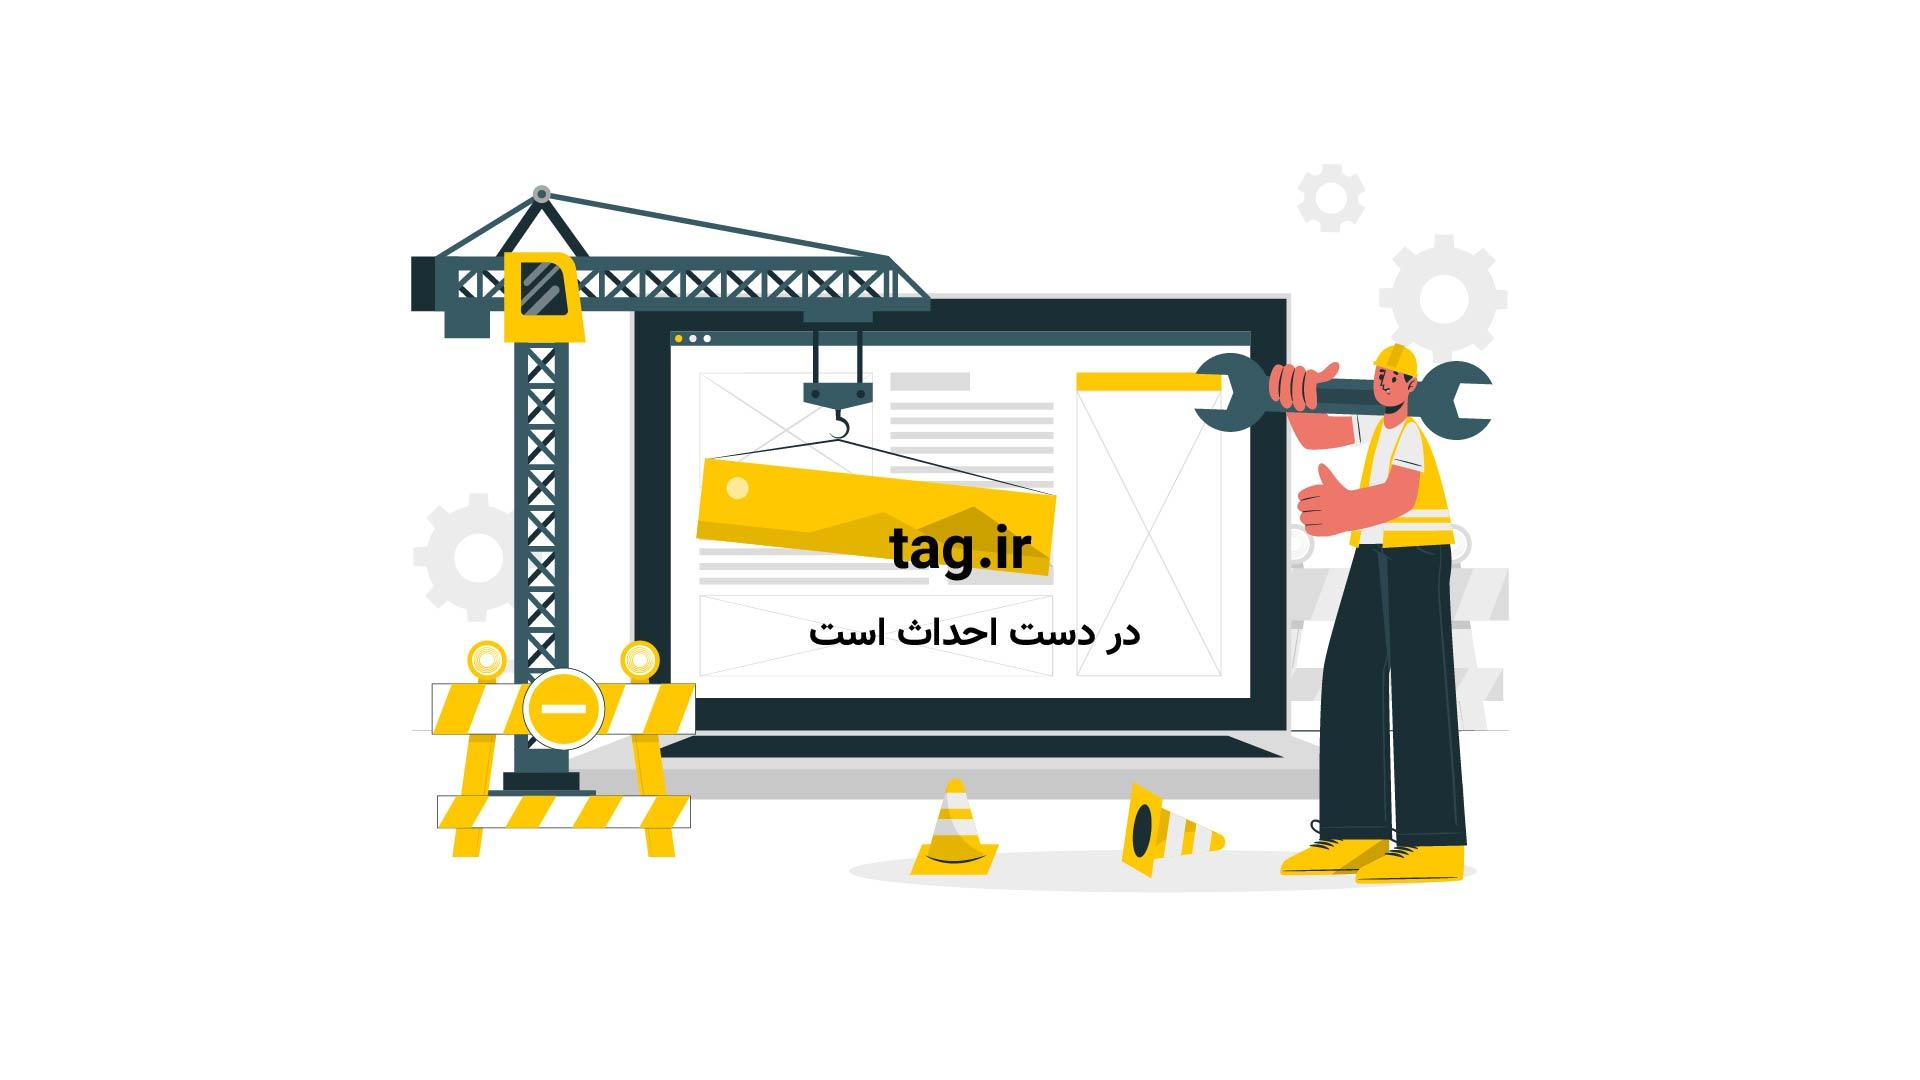 آیا تشعشعات تلفن همراه با سرطان ارتباط دارد   فیلم